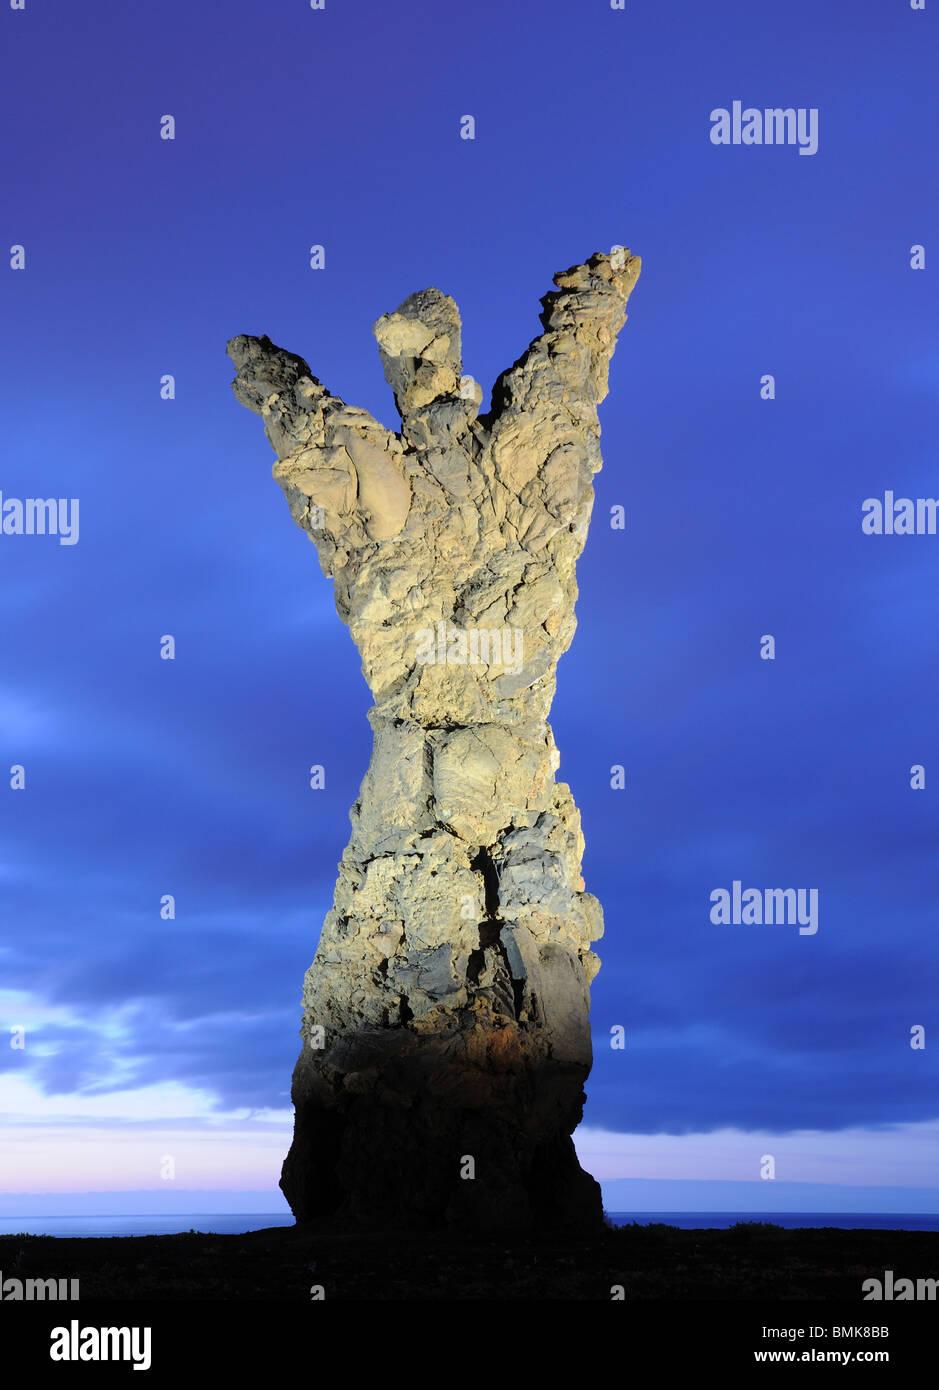 Statue El Atlante in Las Palmas de Gran Canaria, Spain Stock Photo